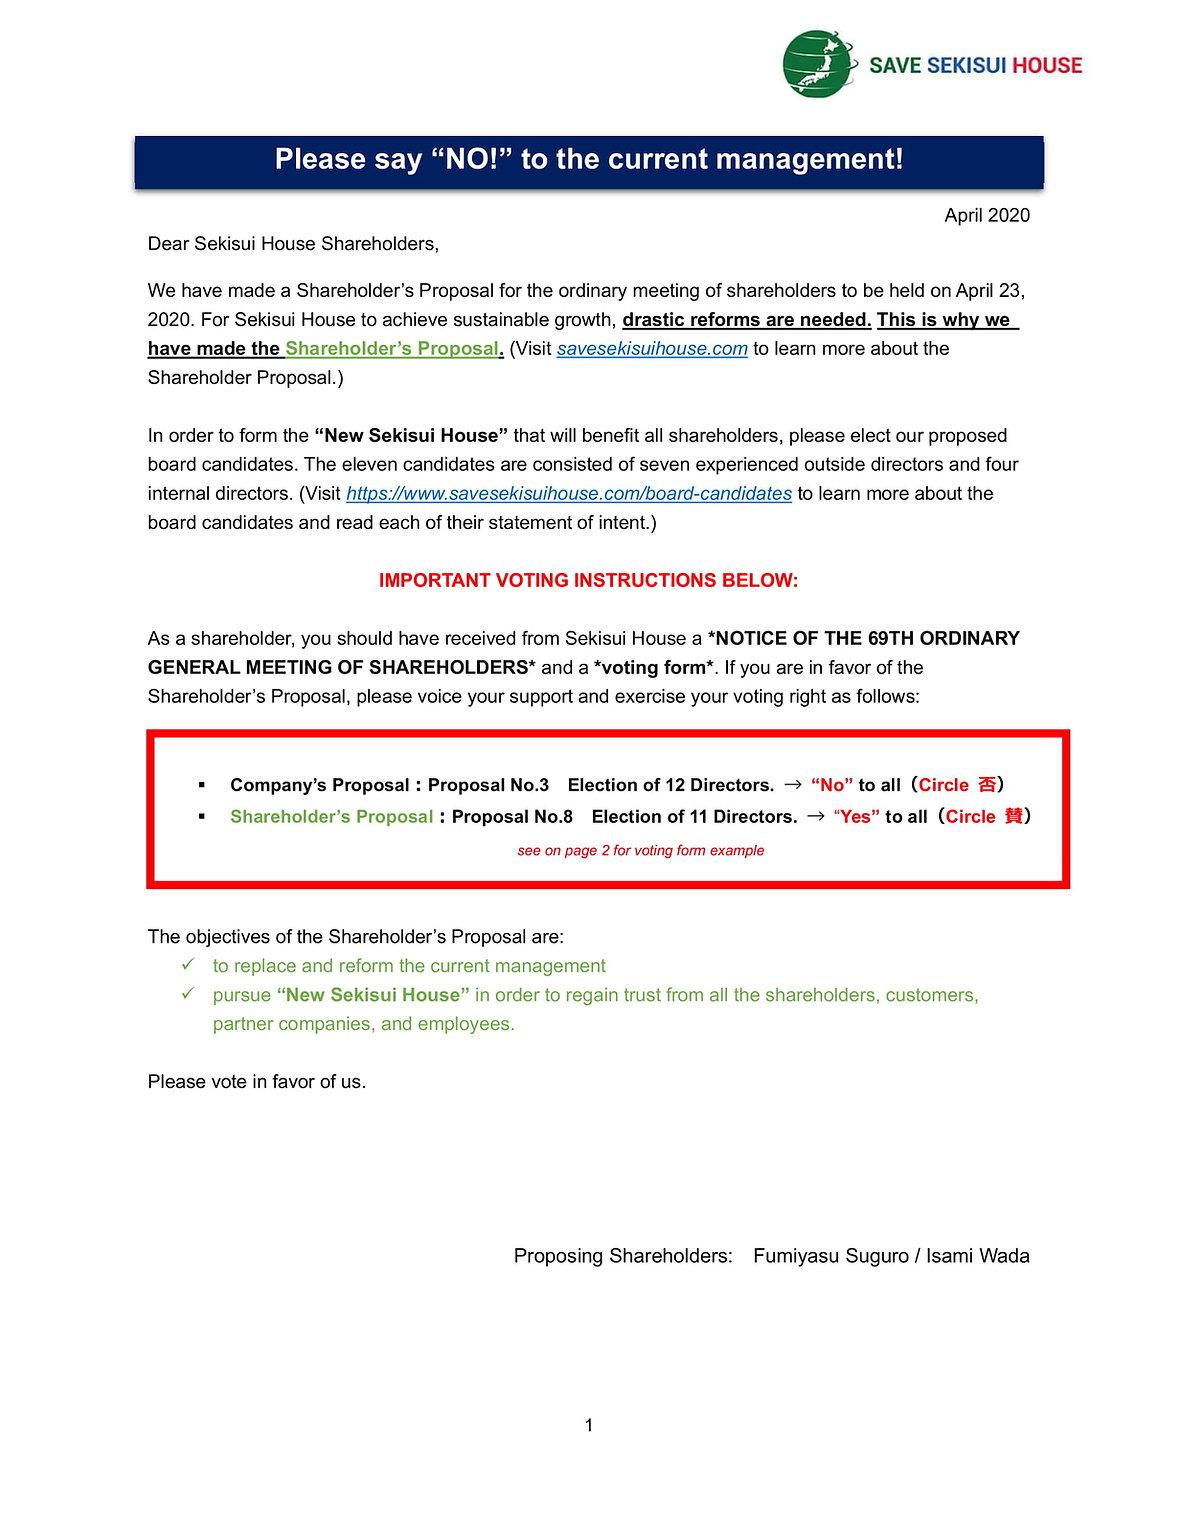 Voting Instructions (E)_2020_04_08-1.jpg